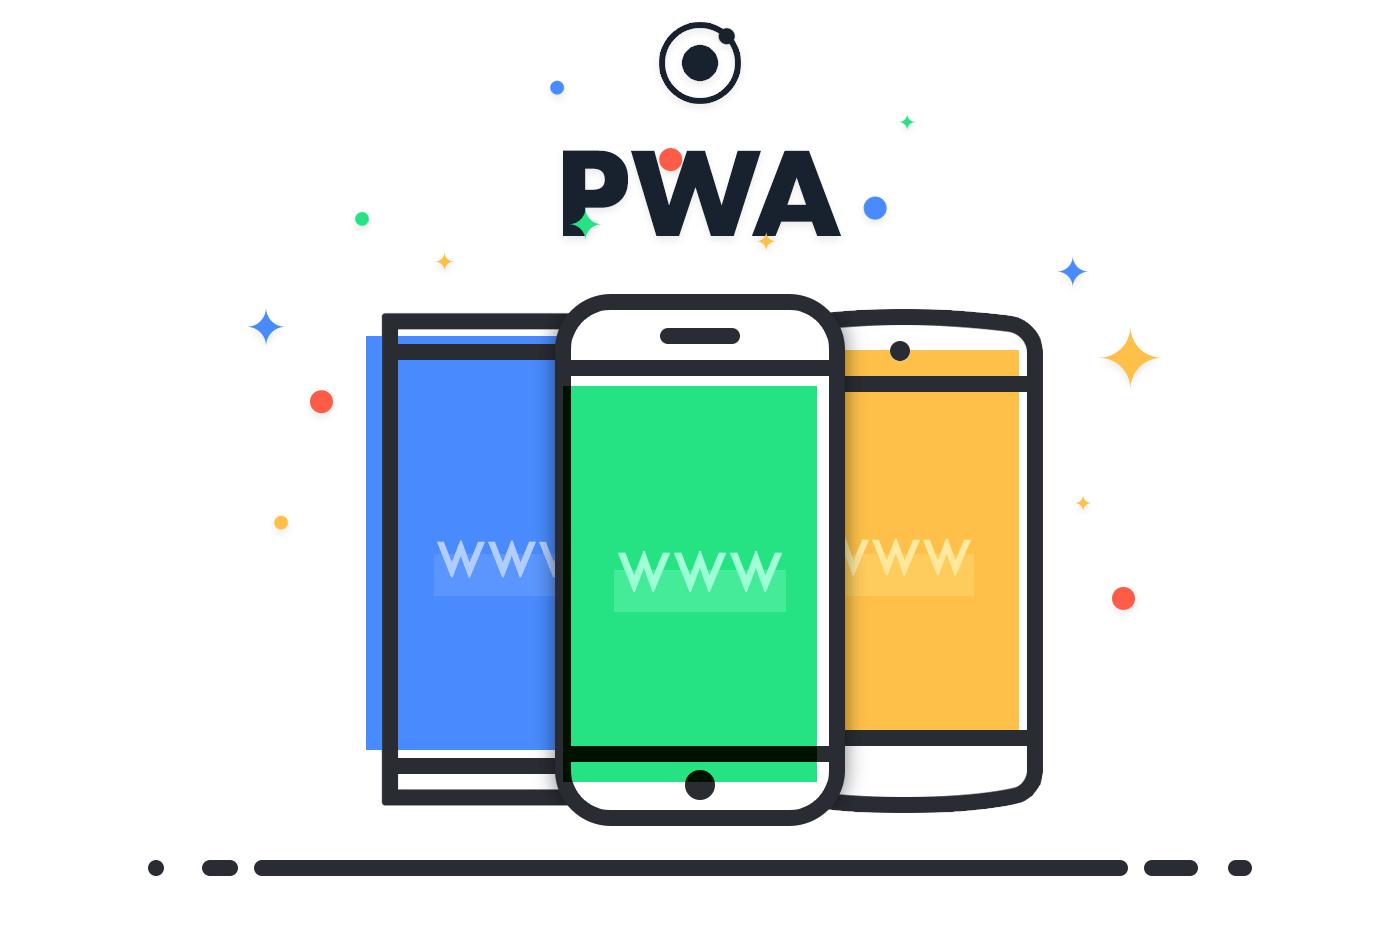 نرم افزارهای PWA